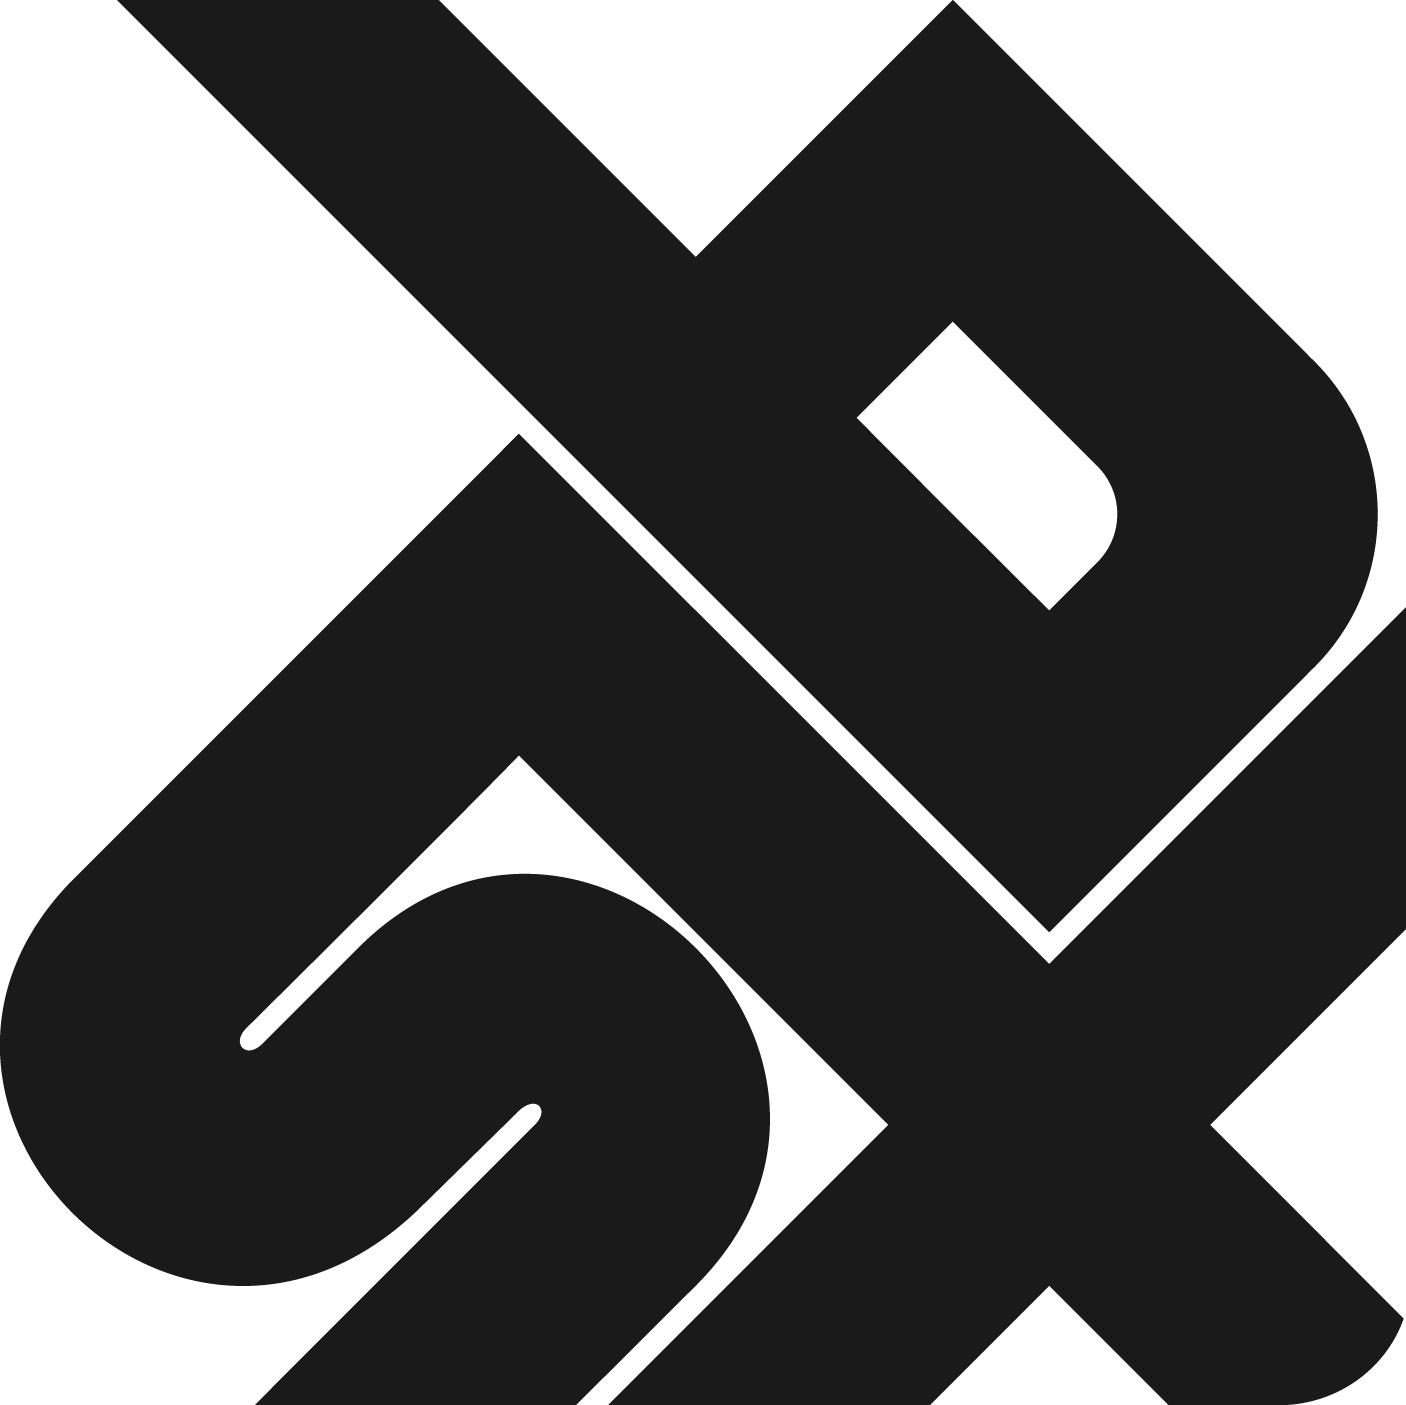 sbx-icon